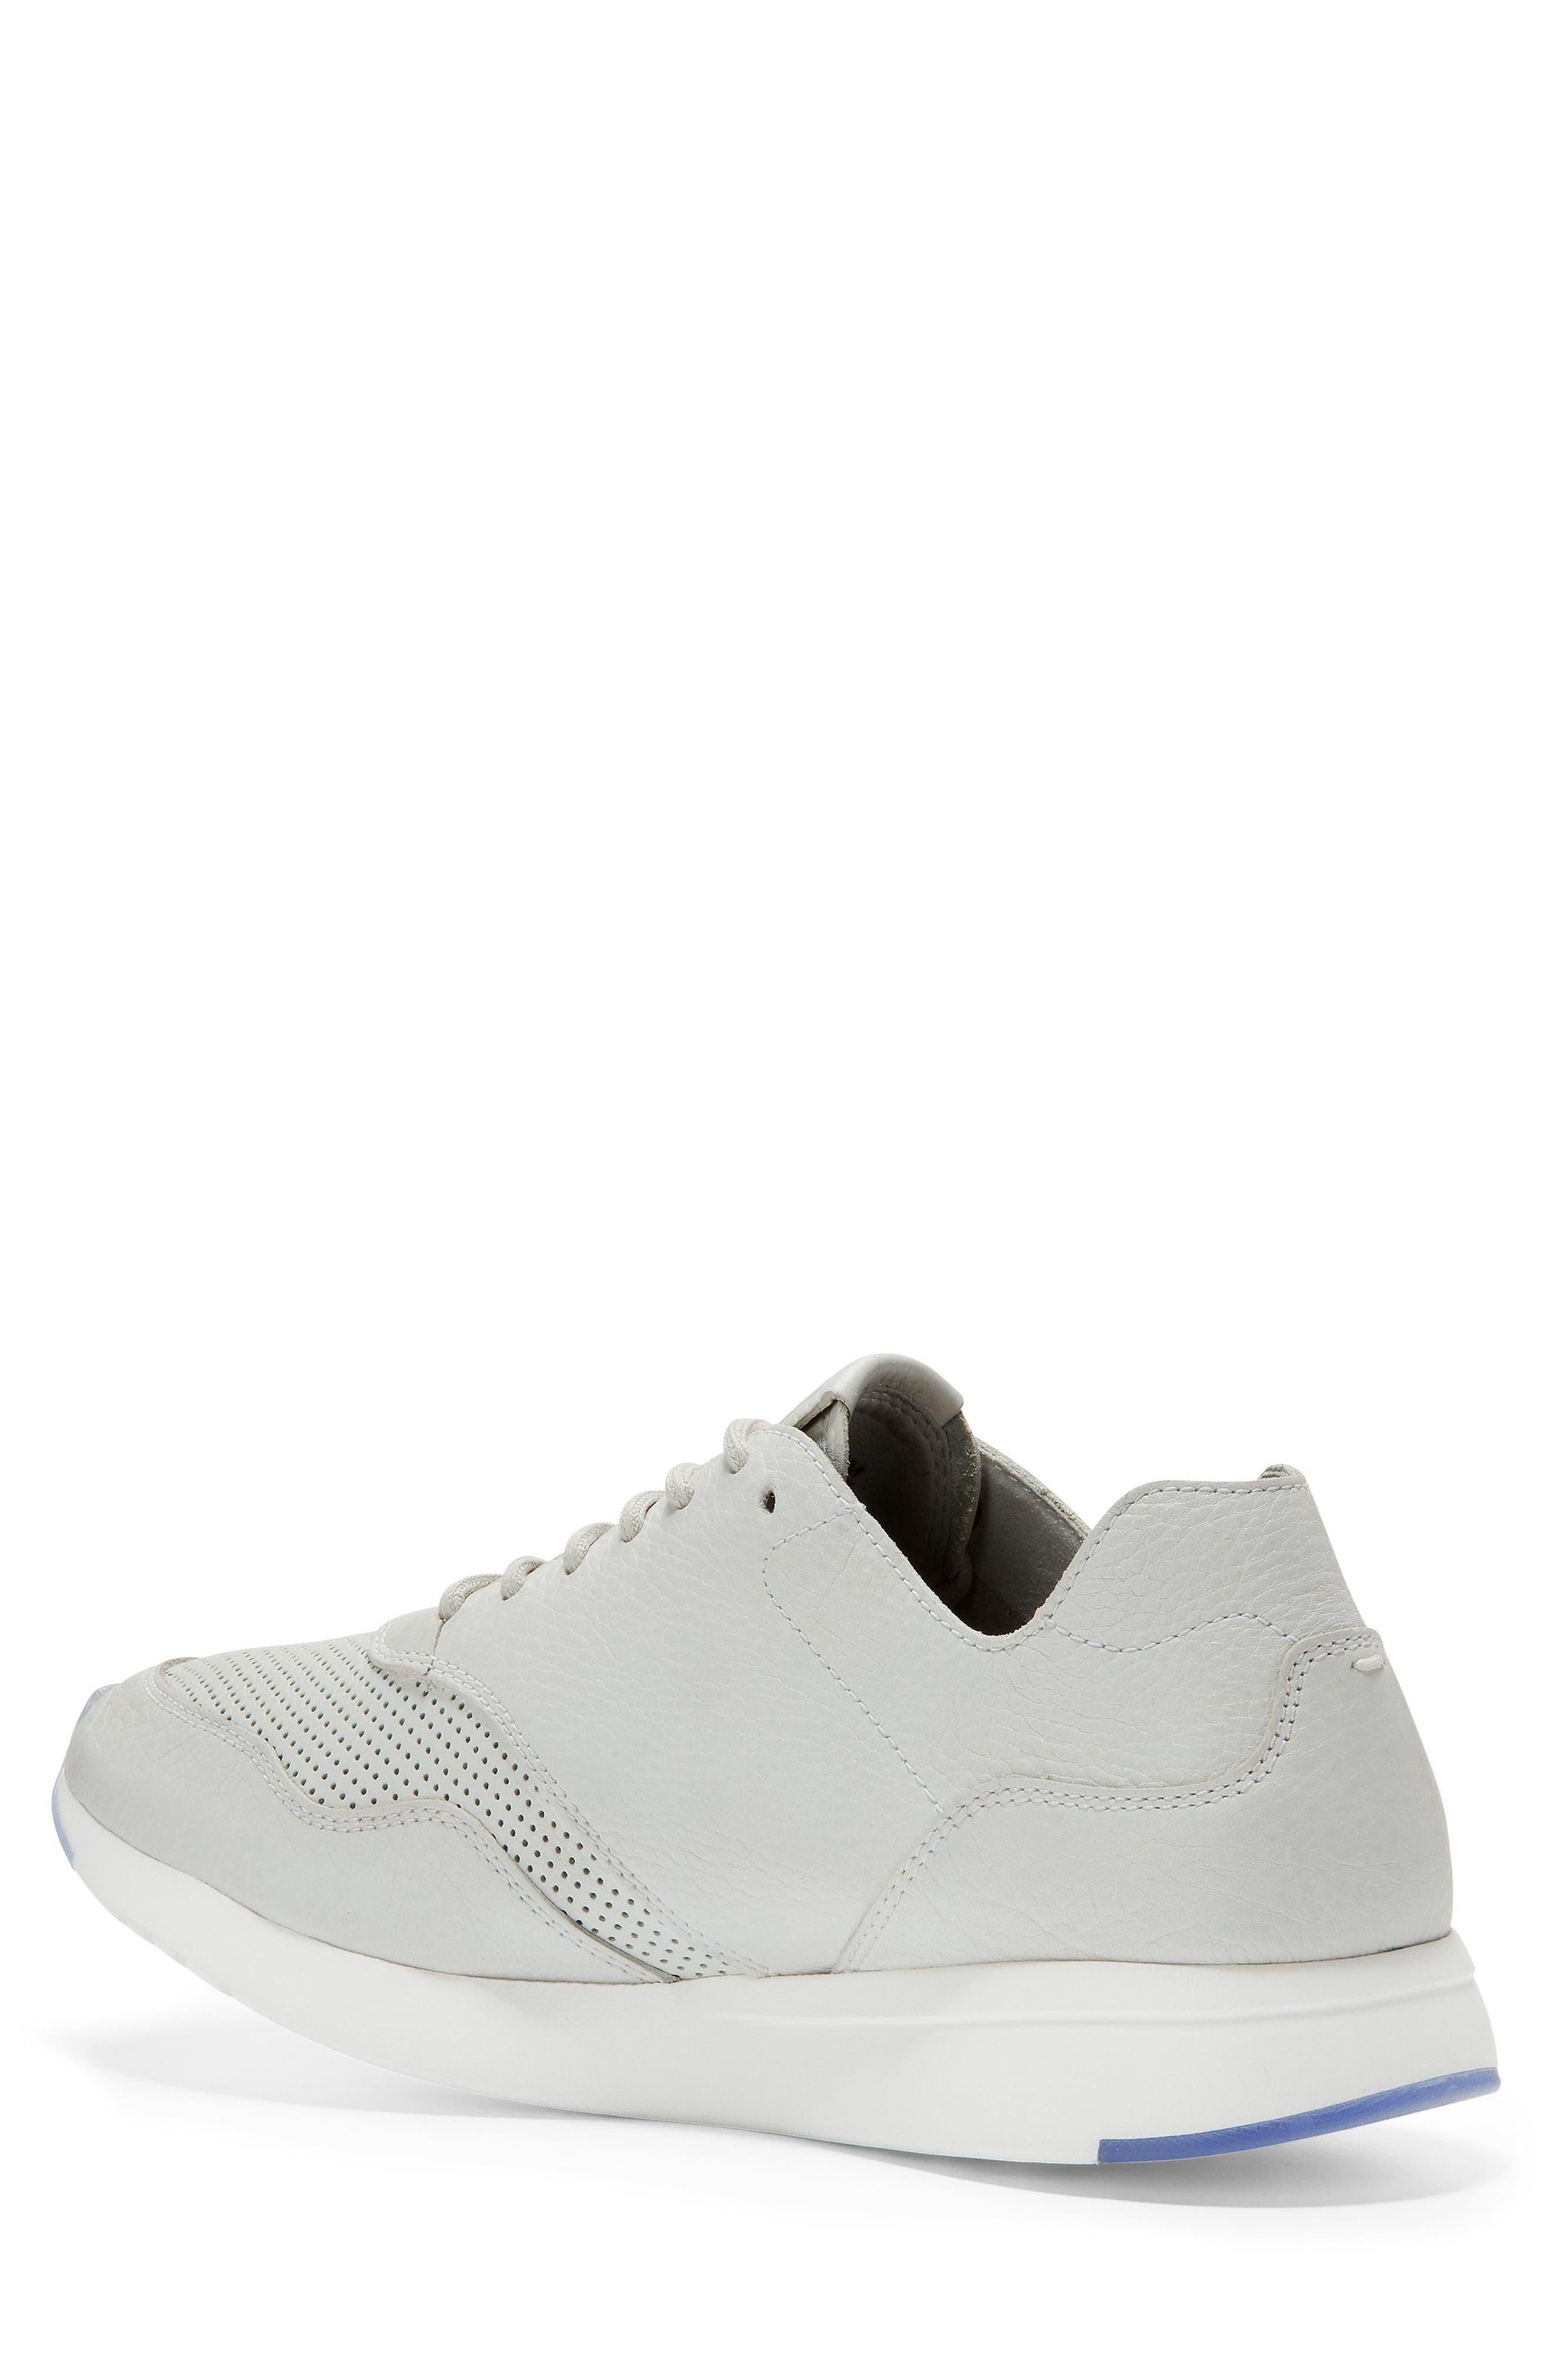 GrandPrø Deconstructed Running Sneaker,                             Alternate thumbnail 2, color,